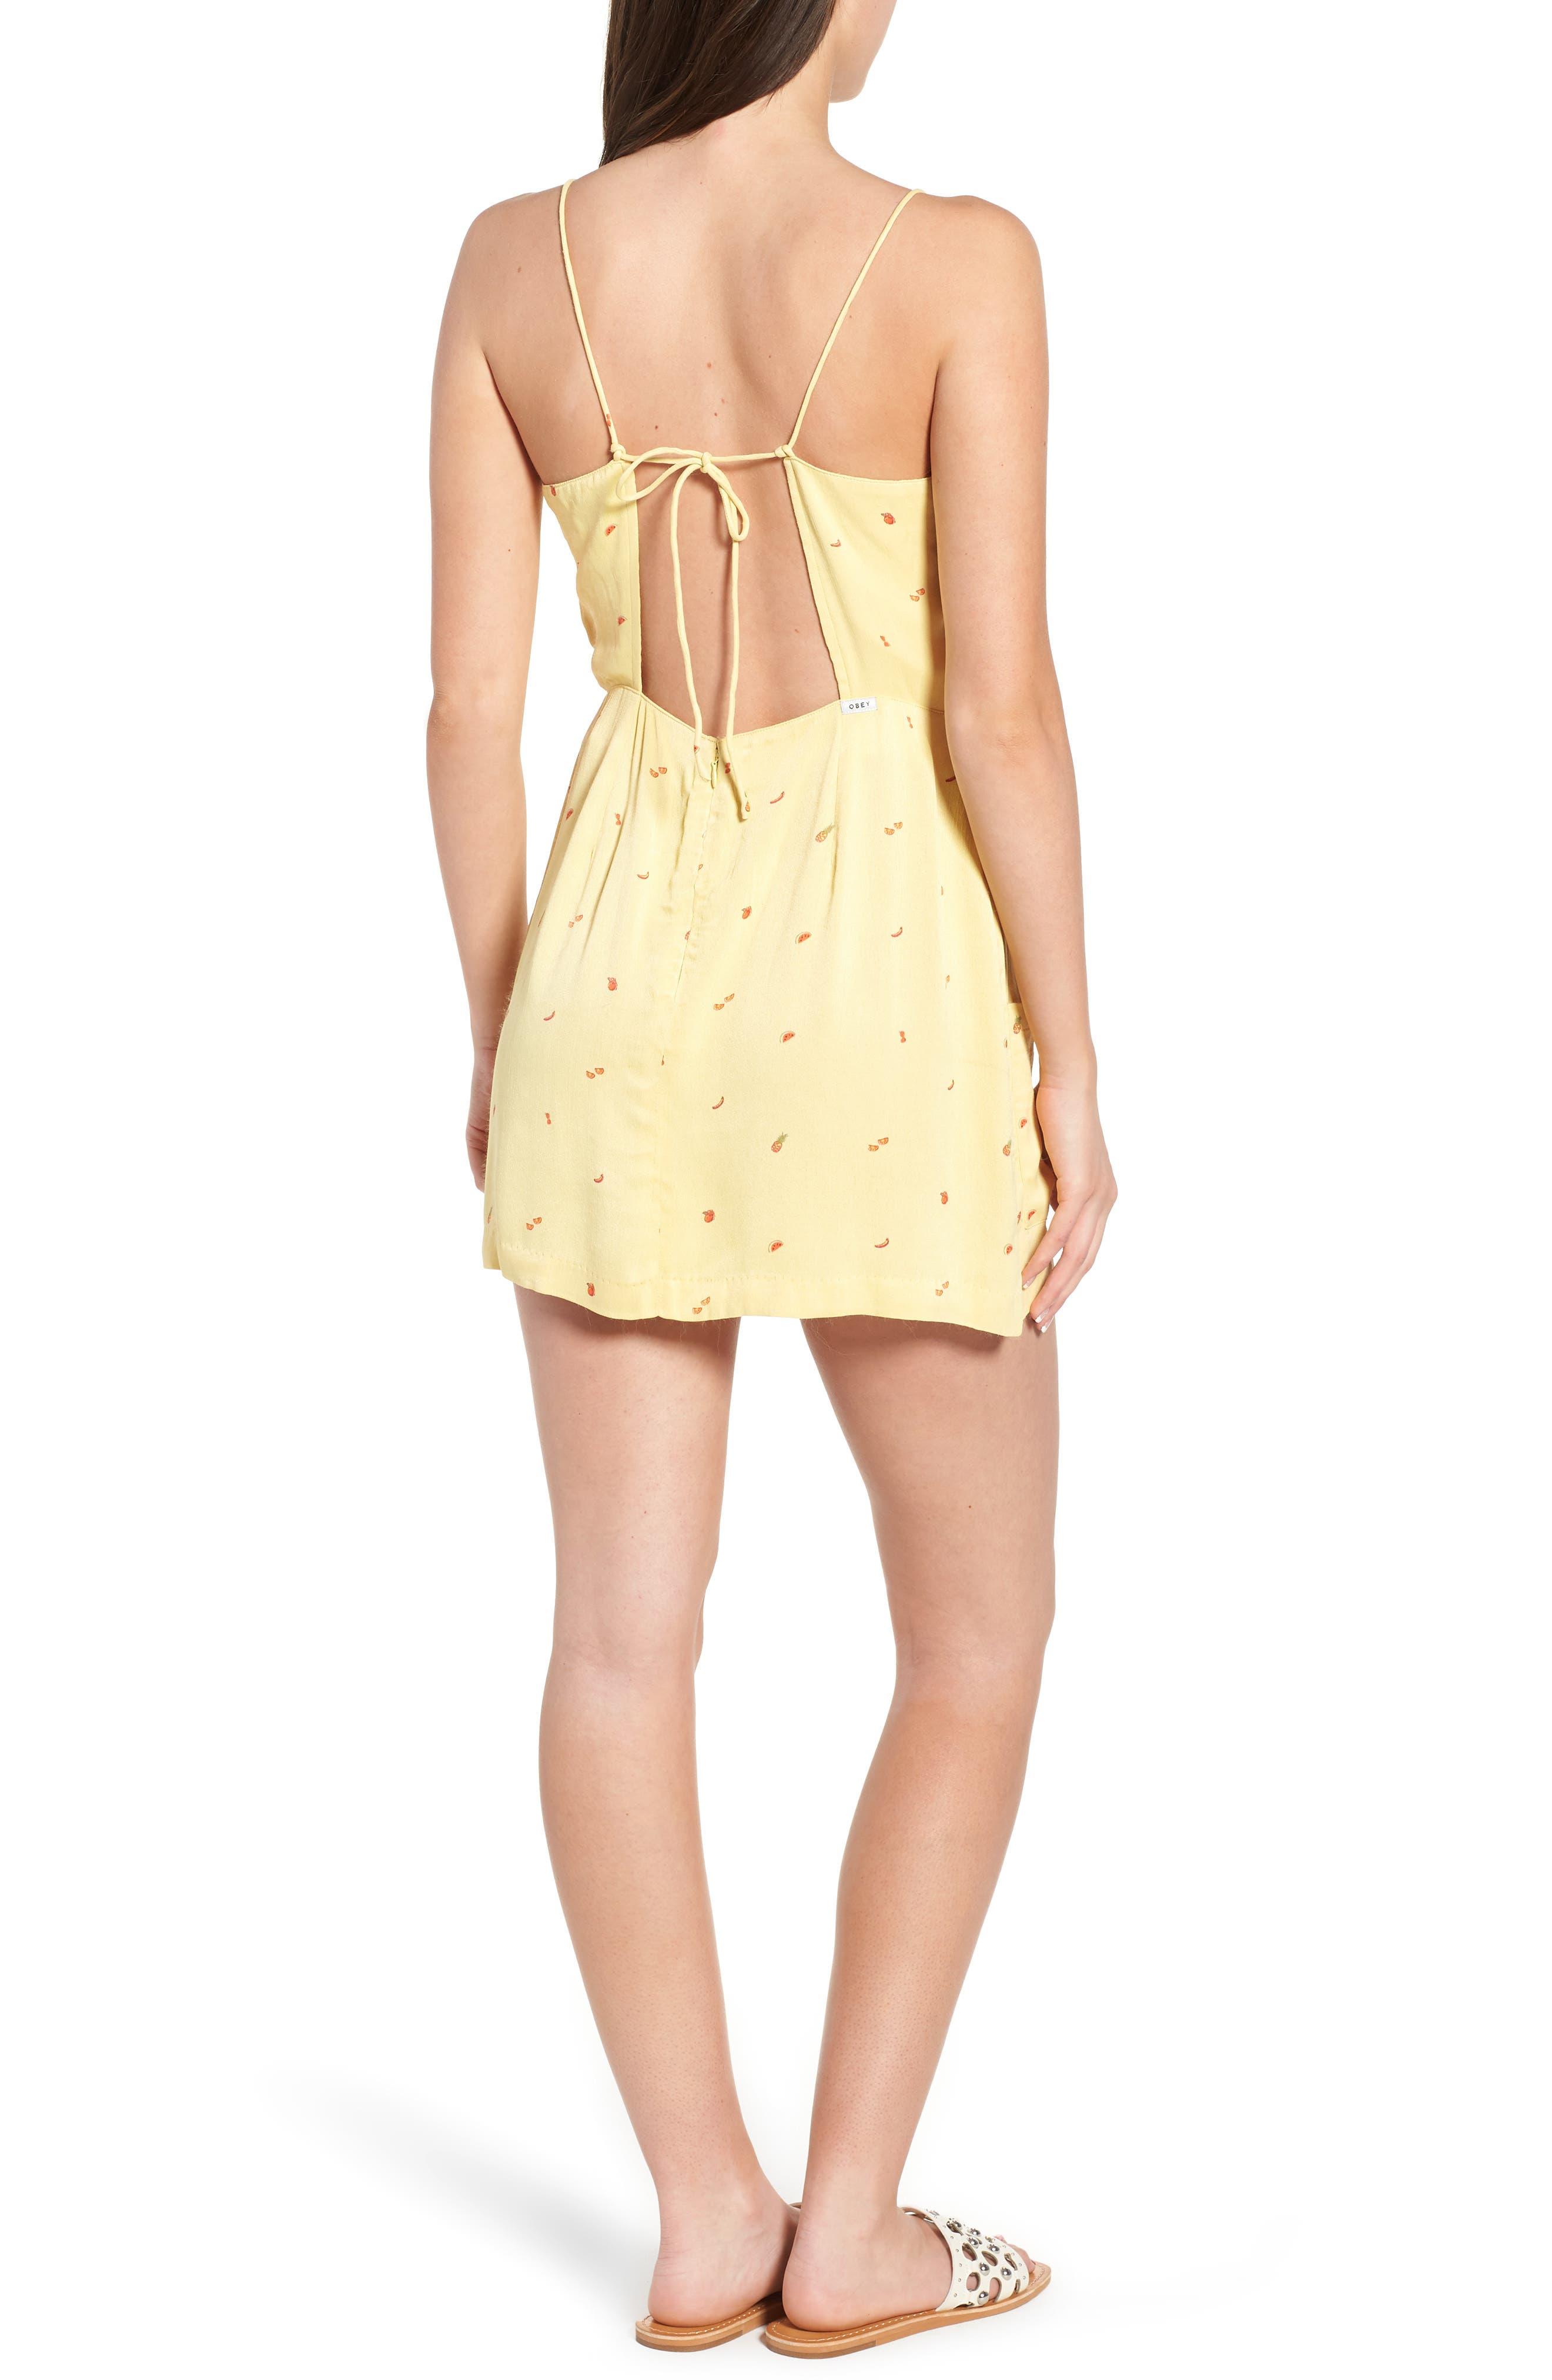 Shilo Fruit Print Minidress,                             Alternate thumbnail 2, color,